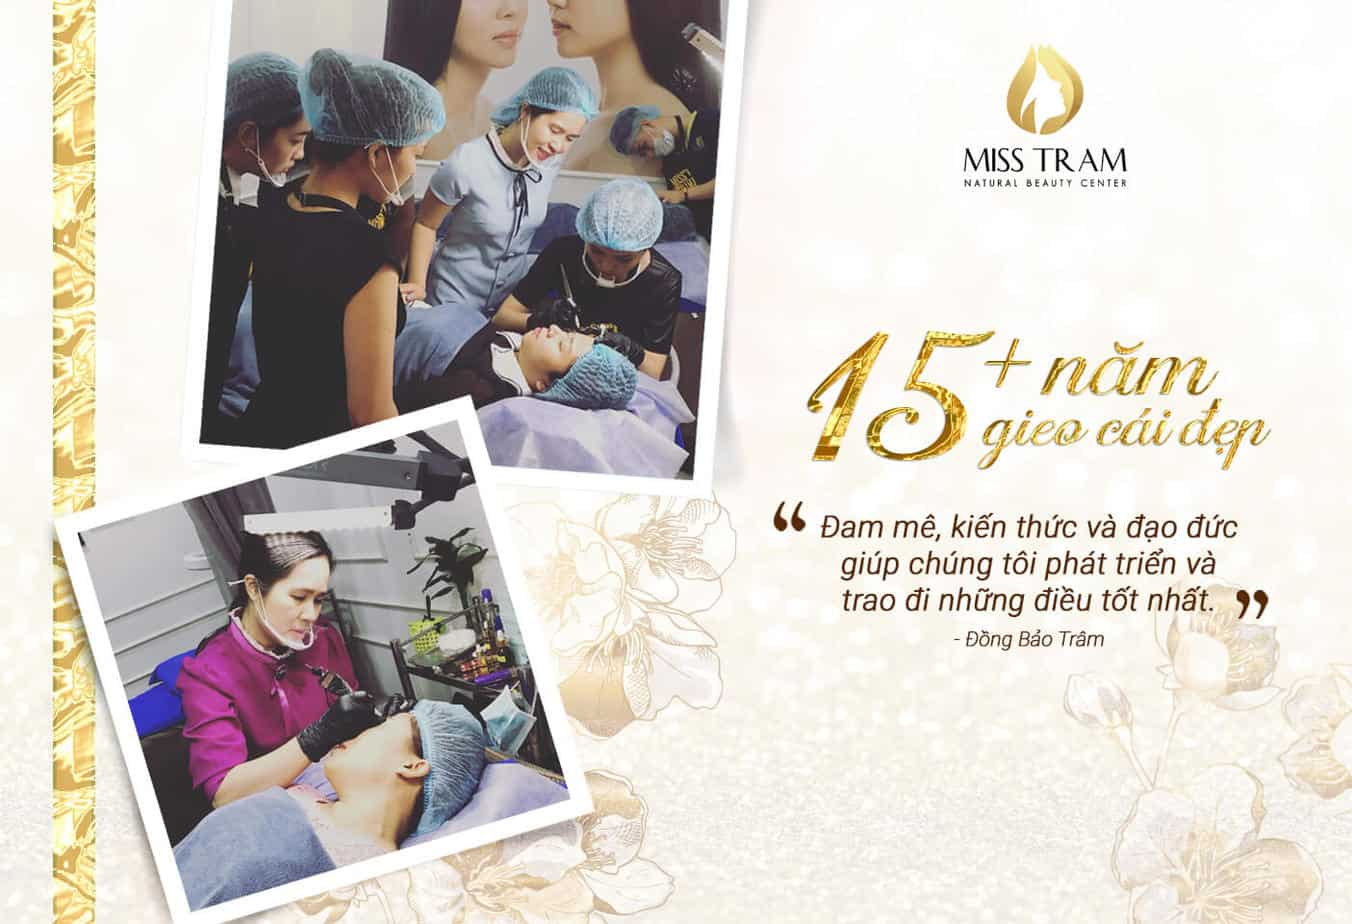 - 8 Lý Do Nên Chọn Học Phun Xăm Thẩm Mỹ Tại Miss Tram Academy